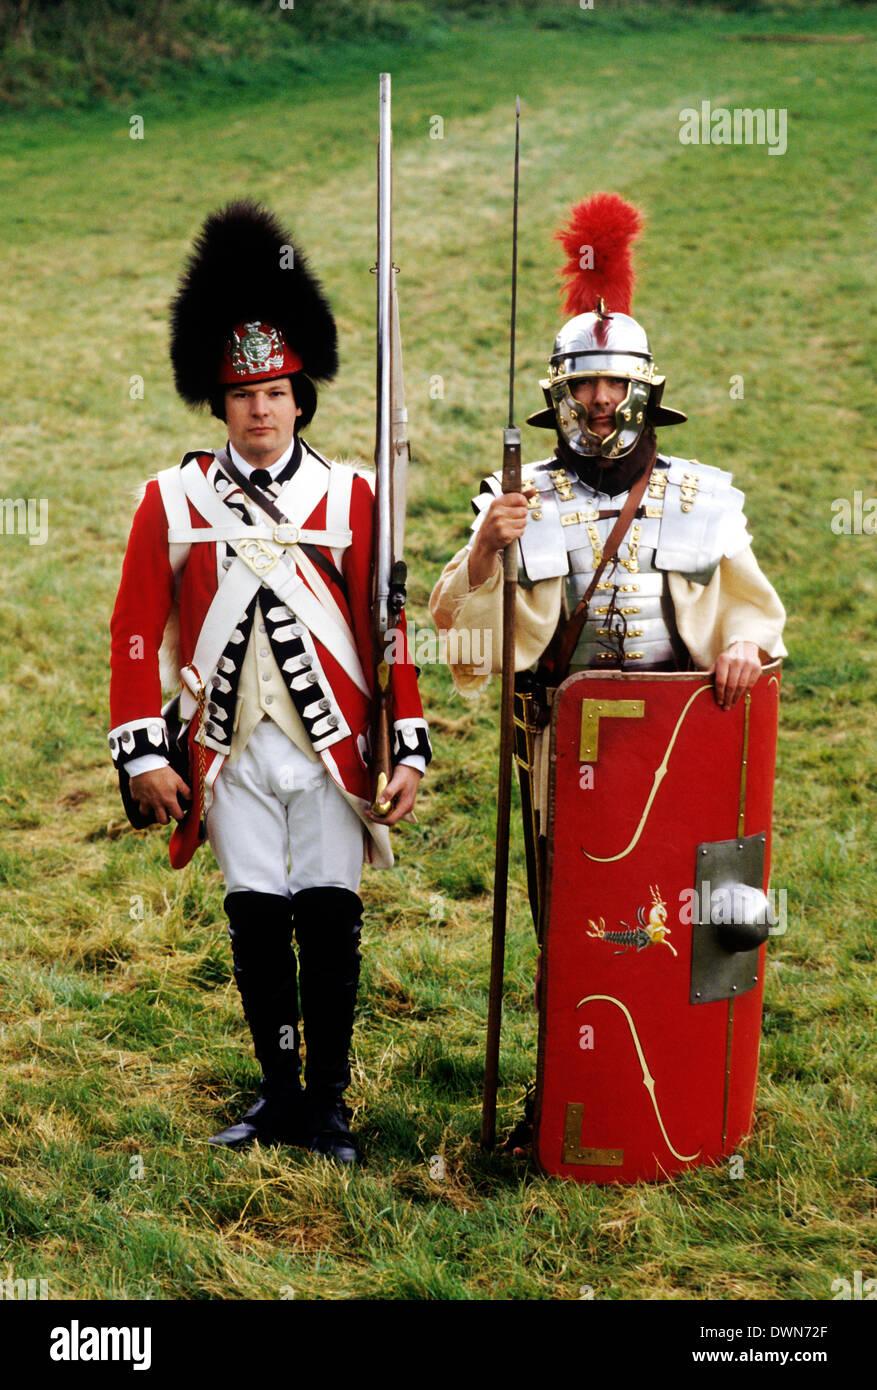 Soldati nella storia britannica, XVIII secolo soldato del piede e ii secolo romana, rievocazione storica multi periodi periodo, attraverso i secoli Immagini Stock